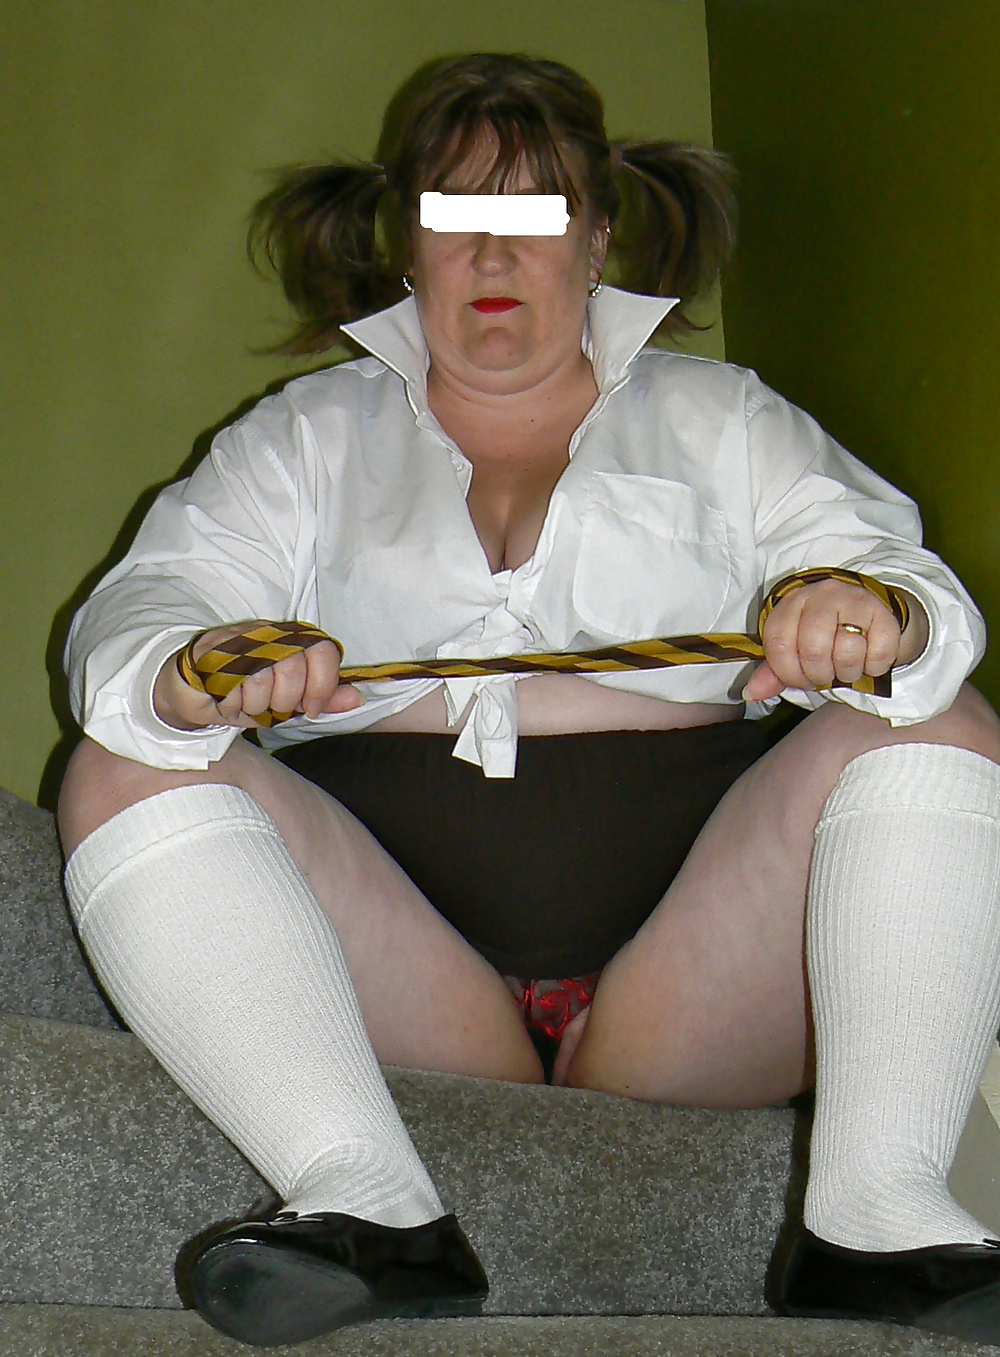 Amateur schoolgirl pics-1514